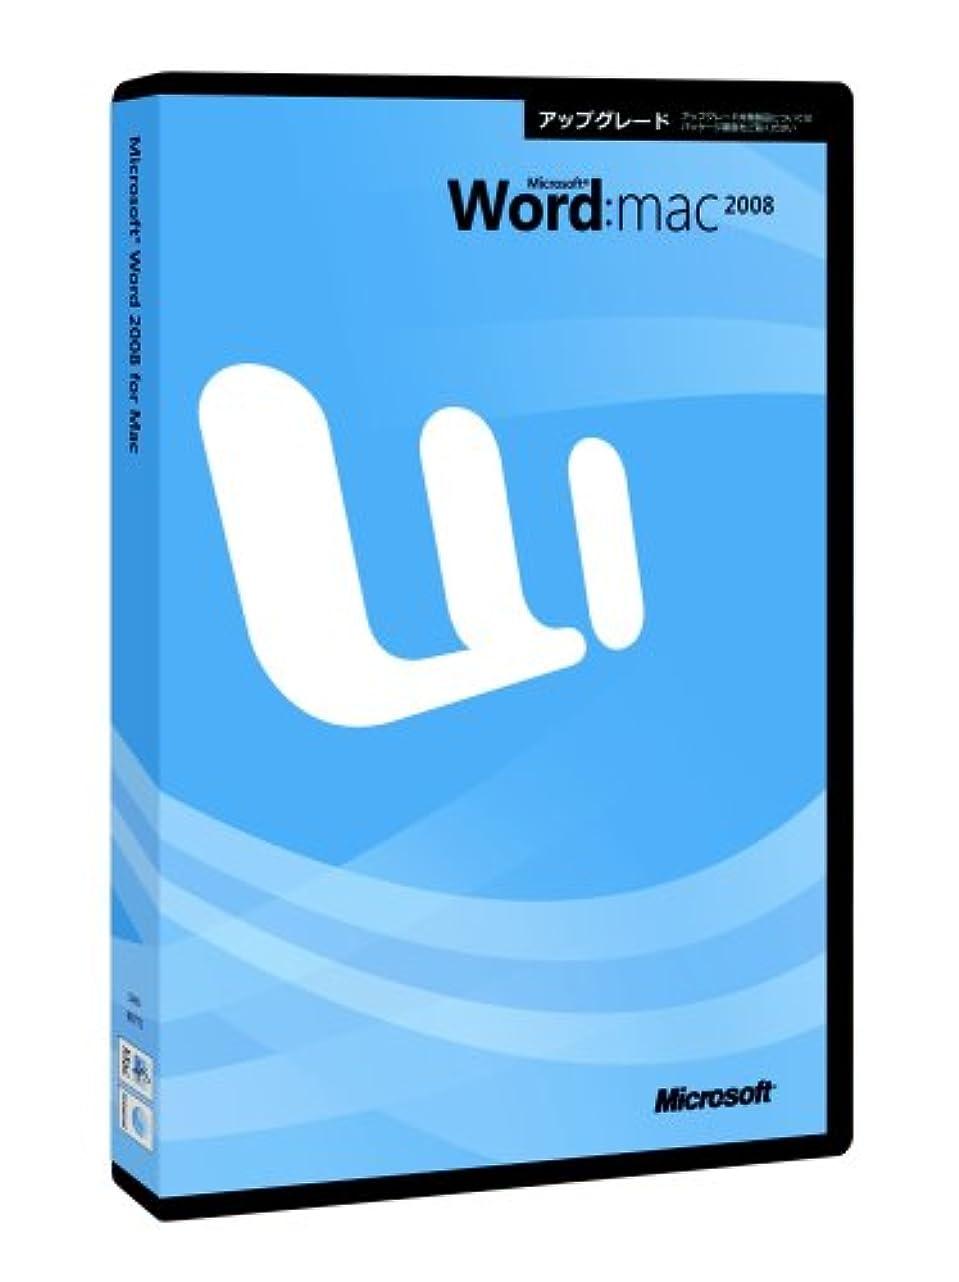 危険なブロッサムスチール【旧商品】Word 2008 for Mac アップグレード